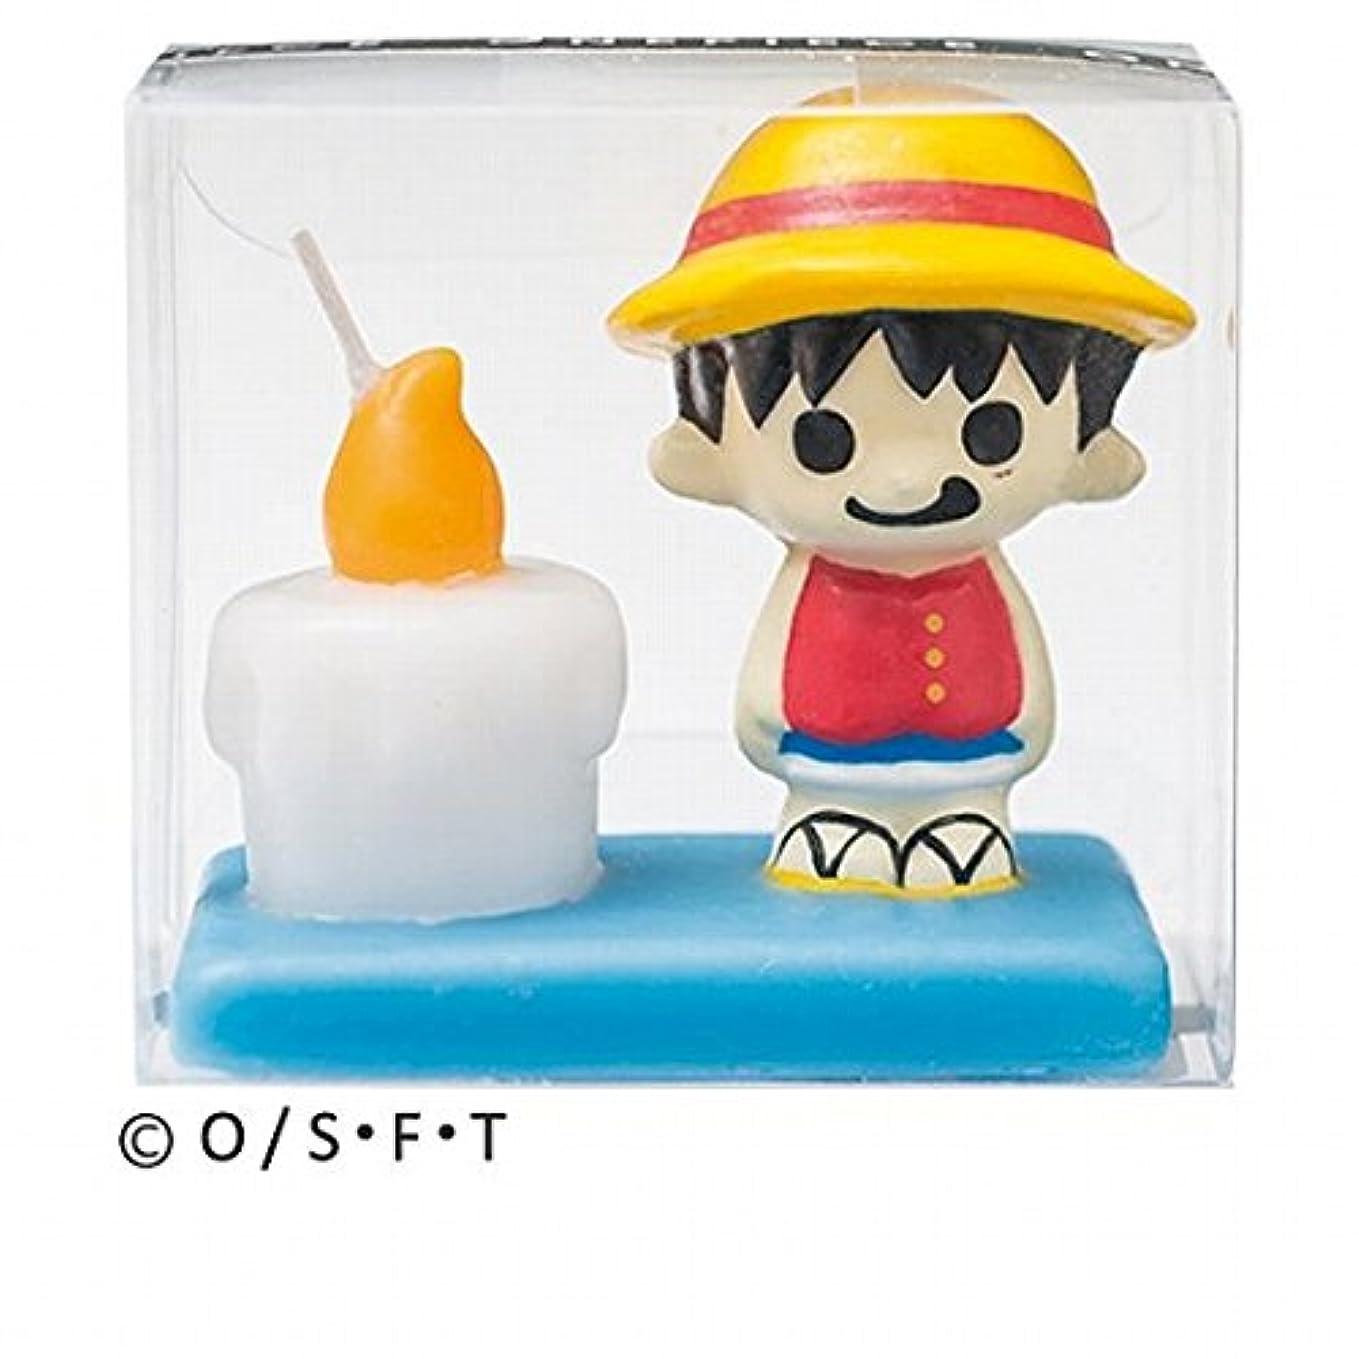 主張する脚本副詞カメヤマキャンドル( kameyama candle ) ルフィキャンドル